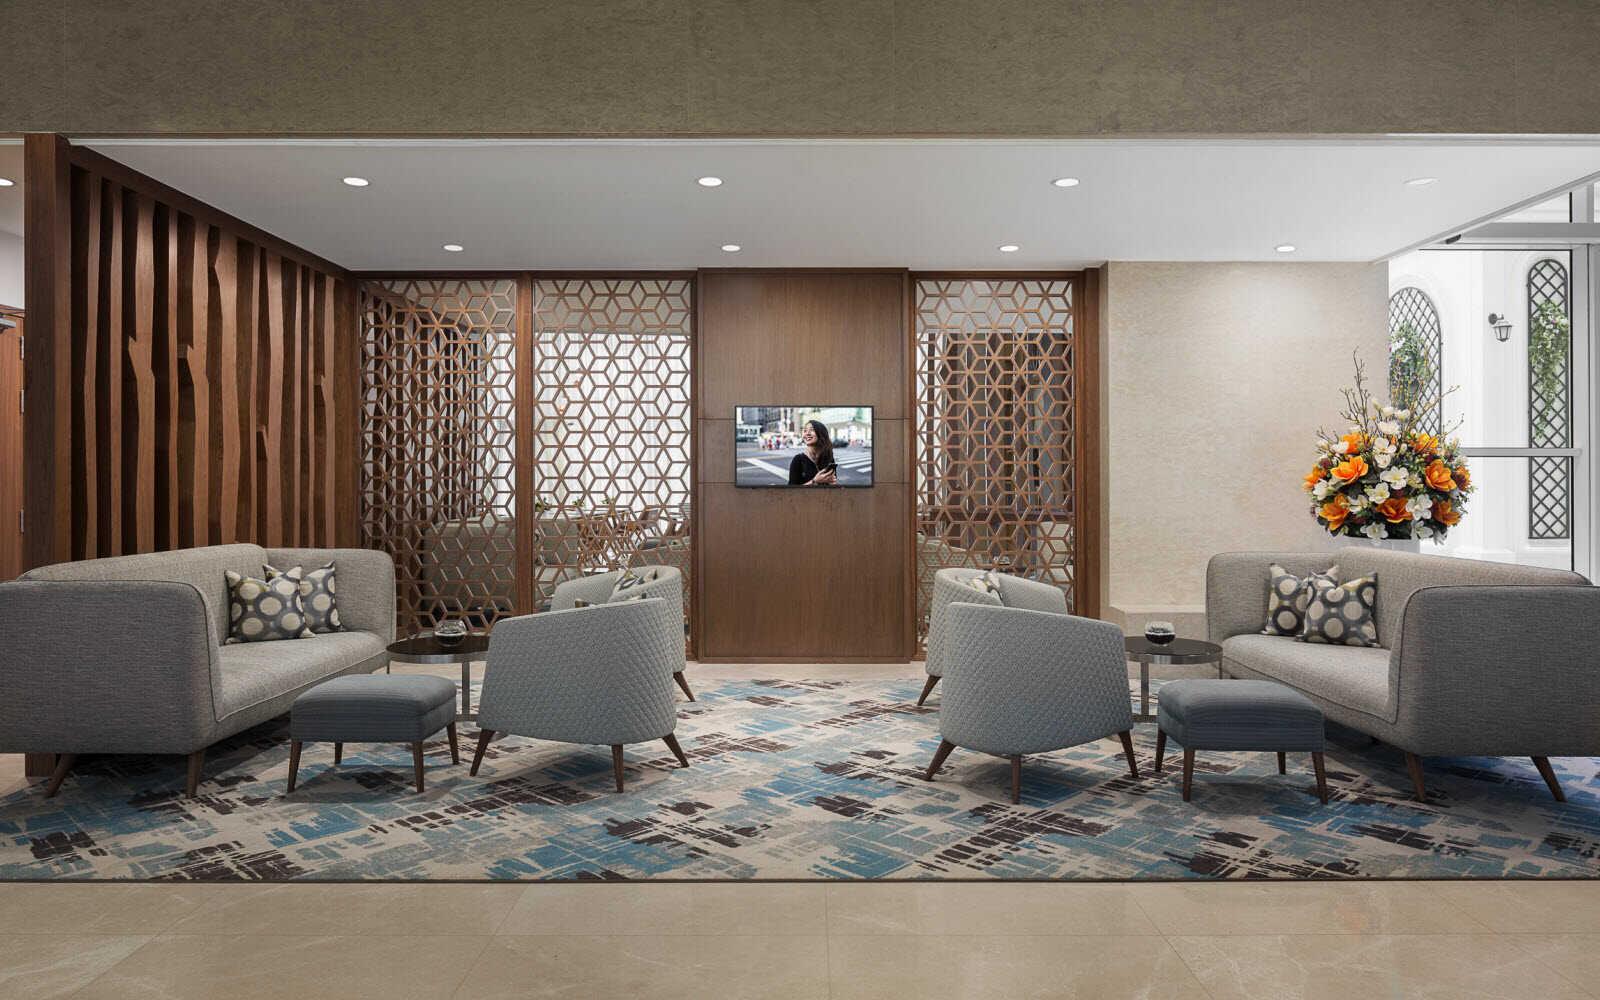 thầu thiết kế và thi công trang trí mĩ thuật khách sạn